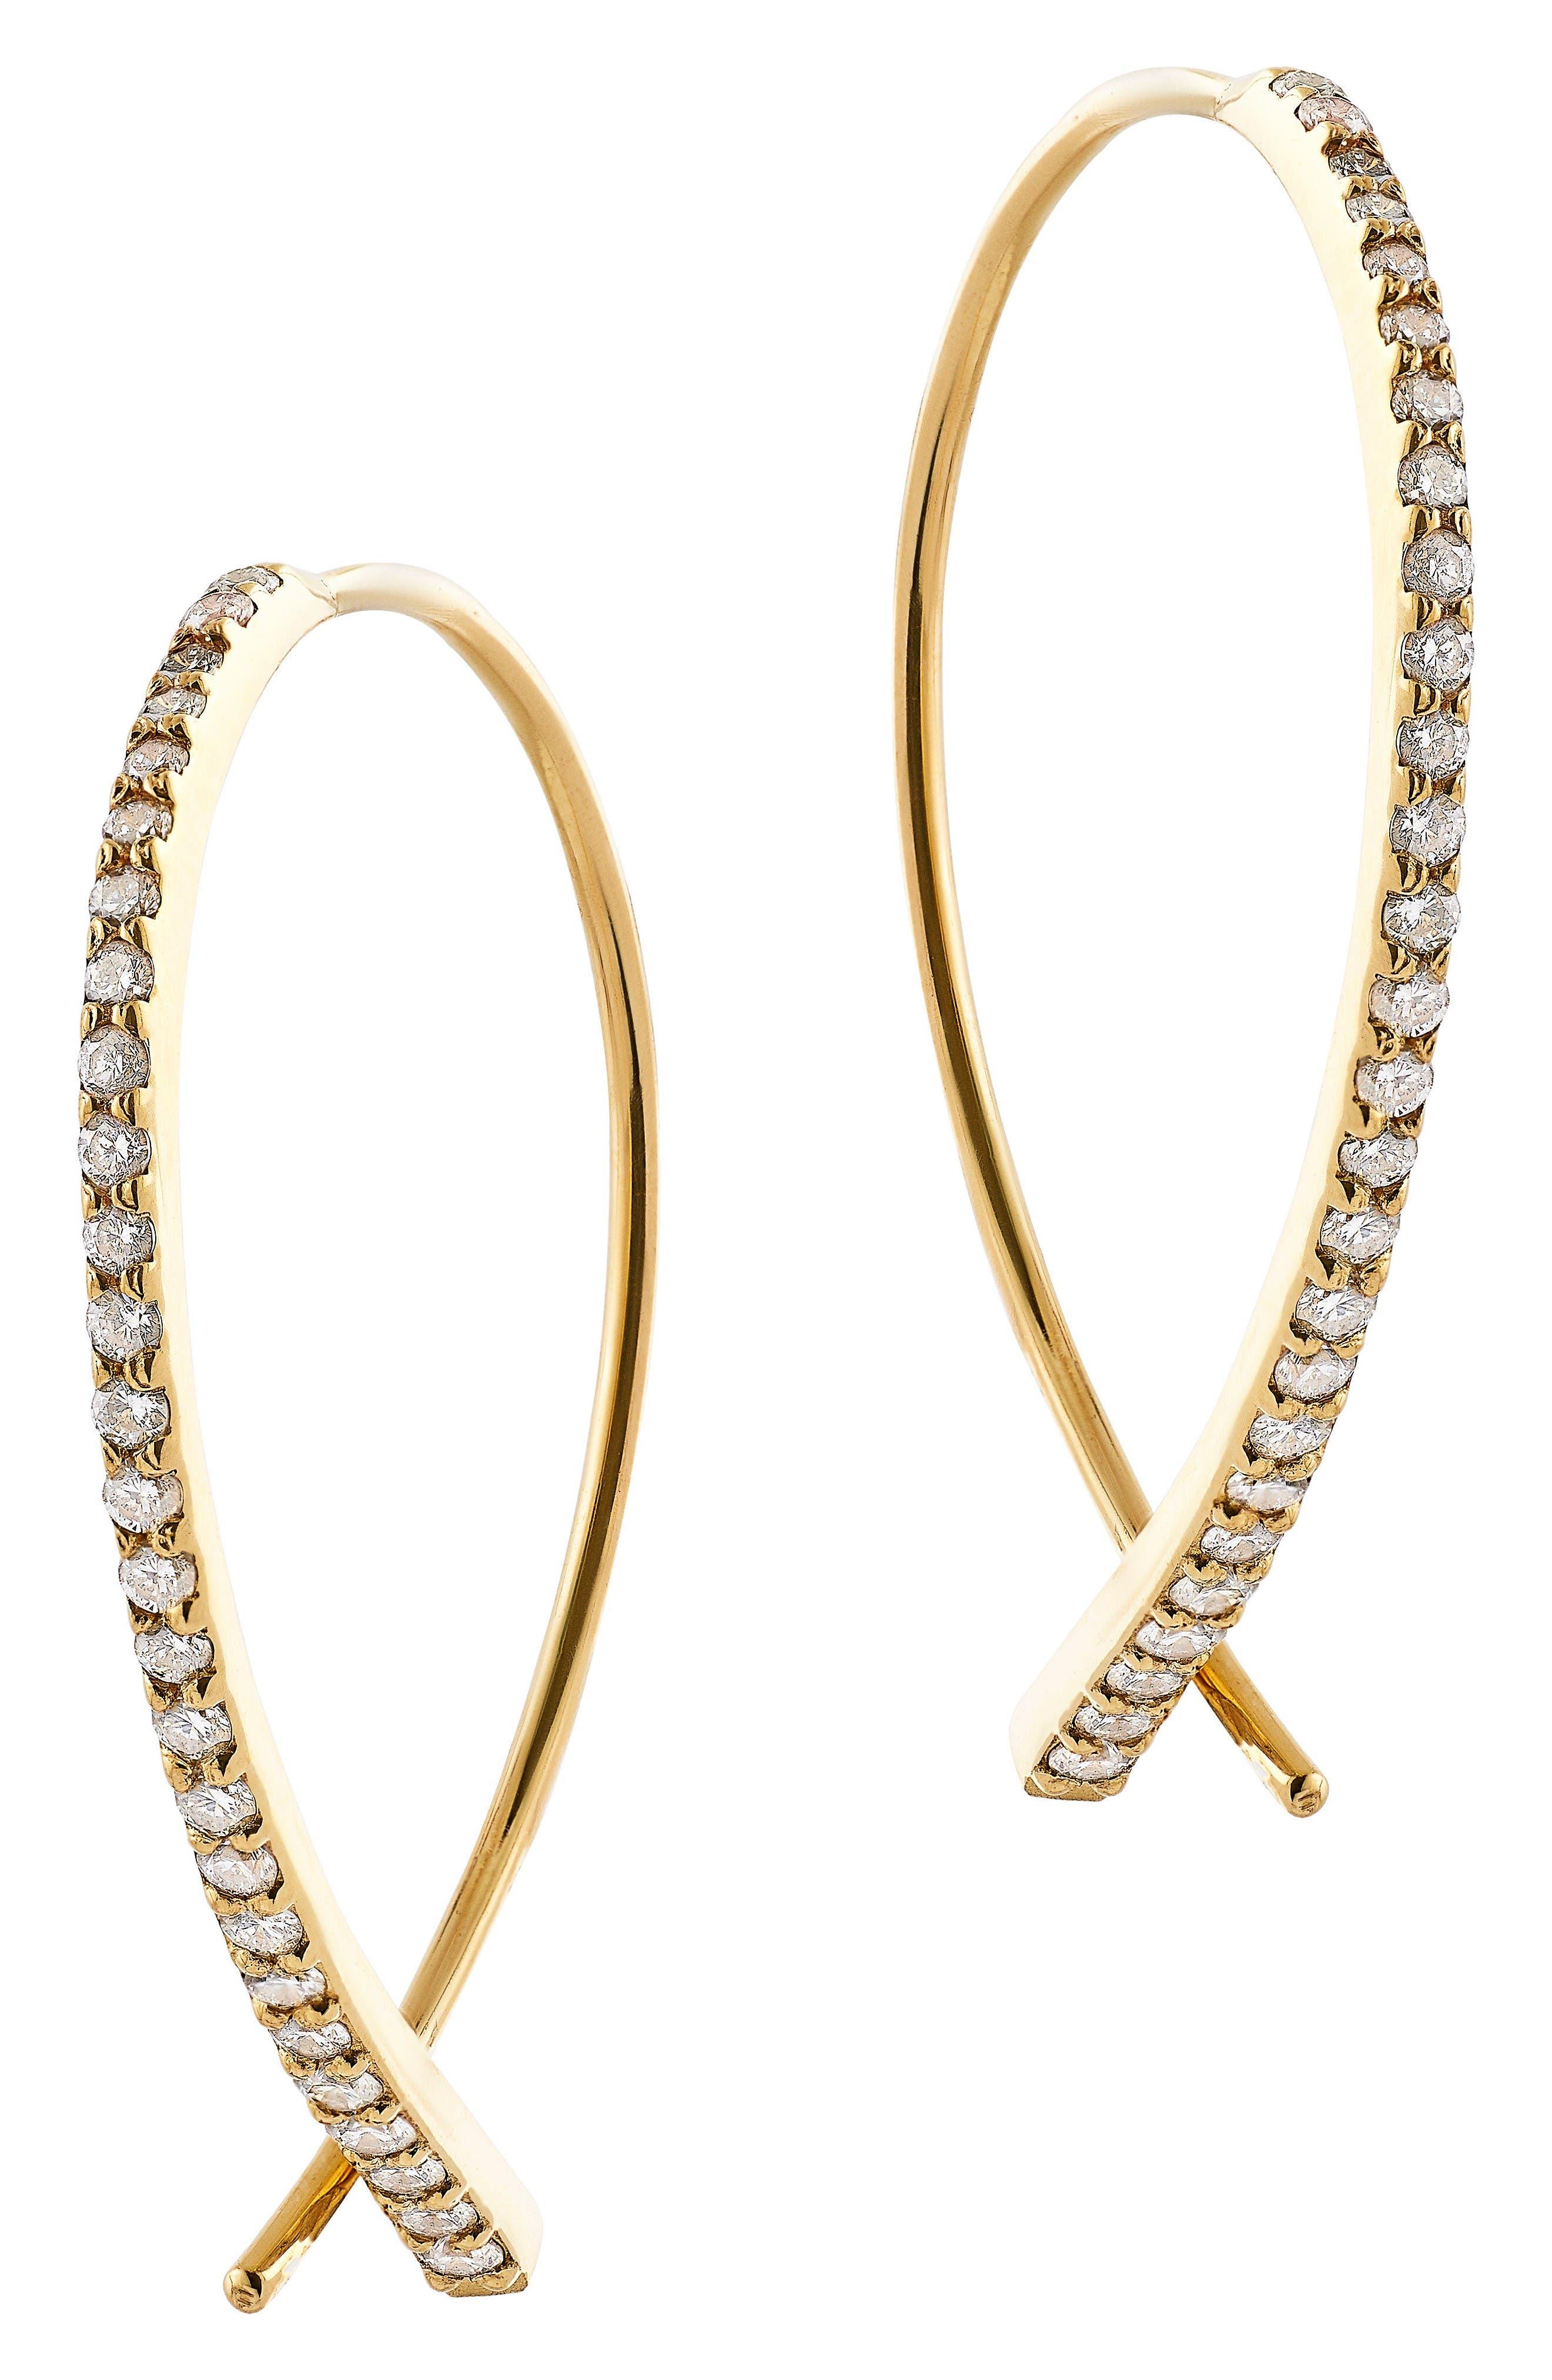 SMALL UPSIDE DOWN FLAWLESS DIAMOND EARRINGS